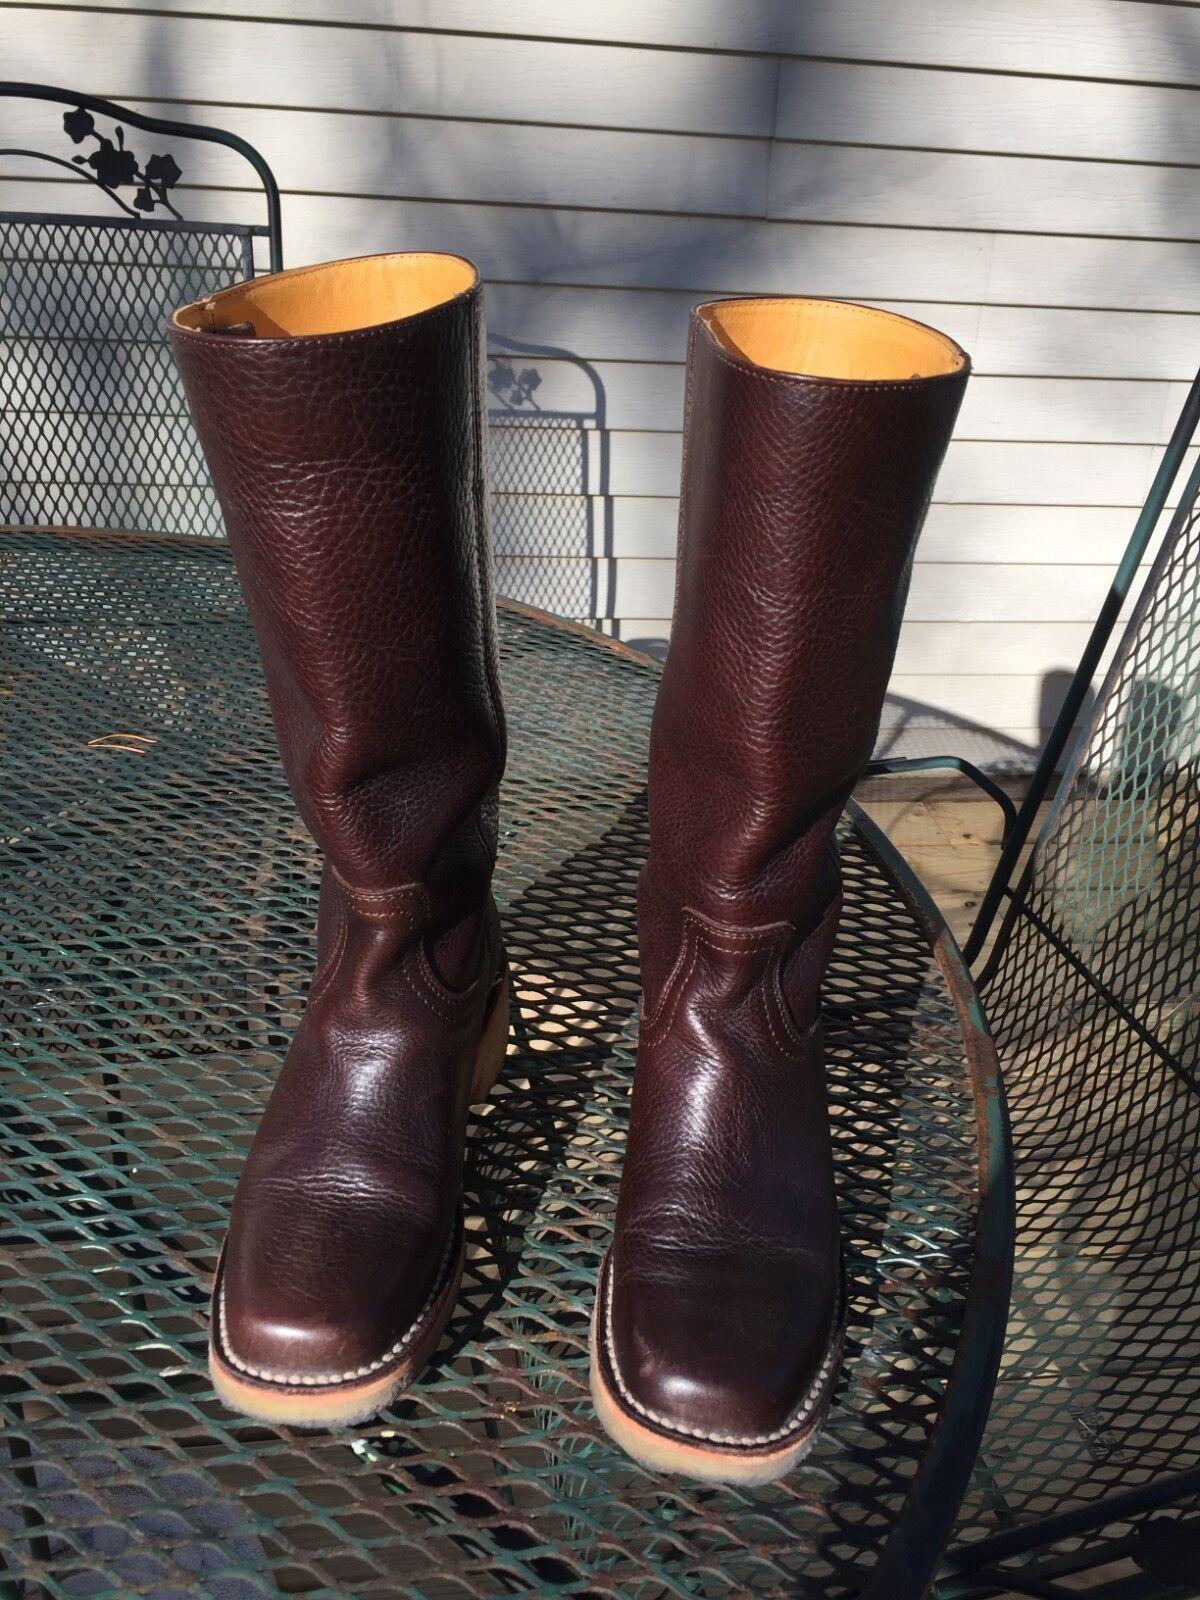 Frye Tall läder Stövlar med läderklädsel, storlek 5 -1  2 B